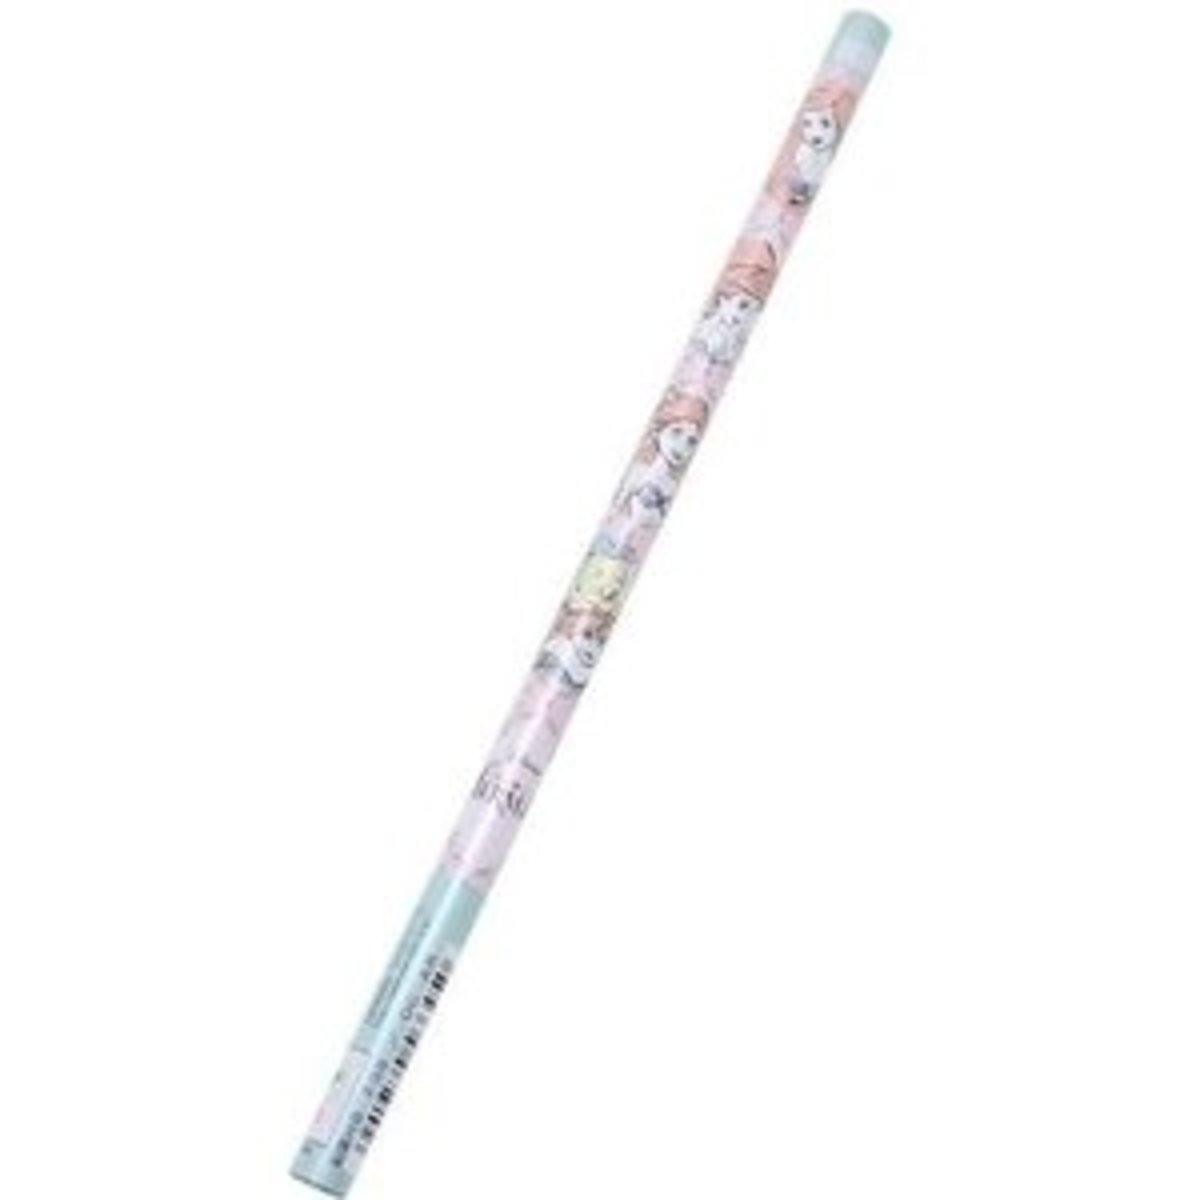 Disney 美人魚 HB 鉛筆 (20支裝) 日本製 JAN 4901770566450